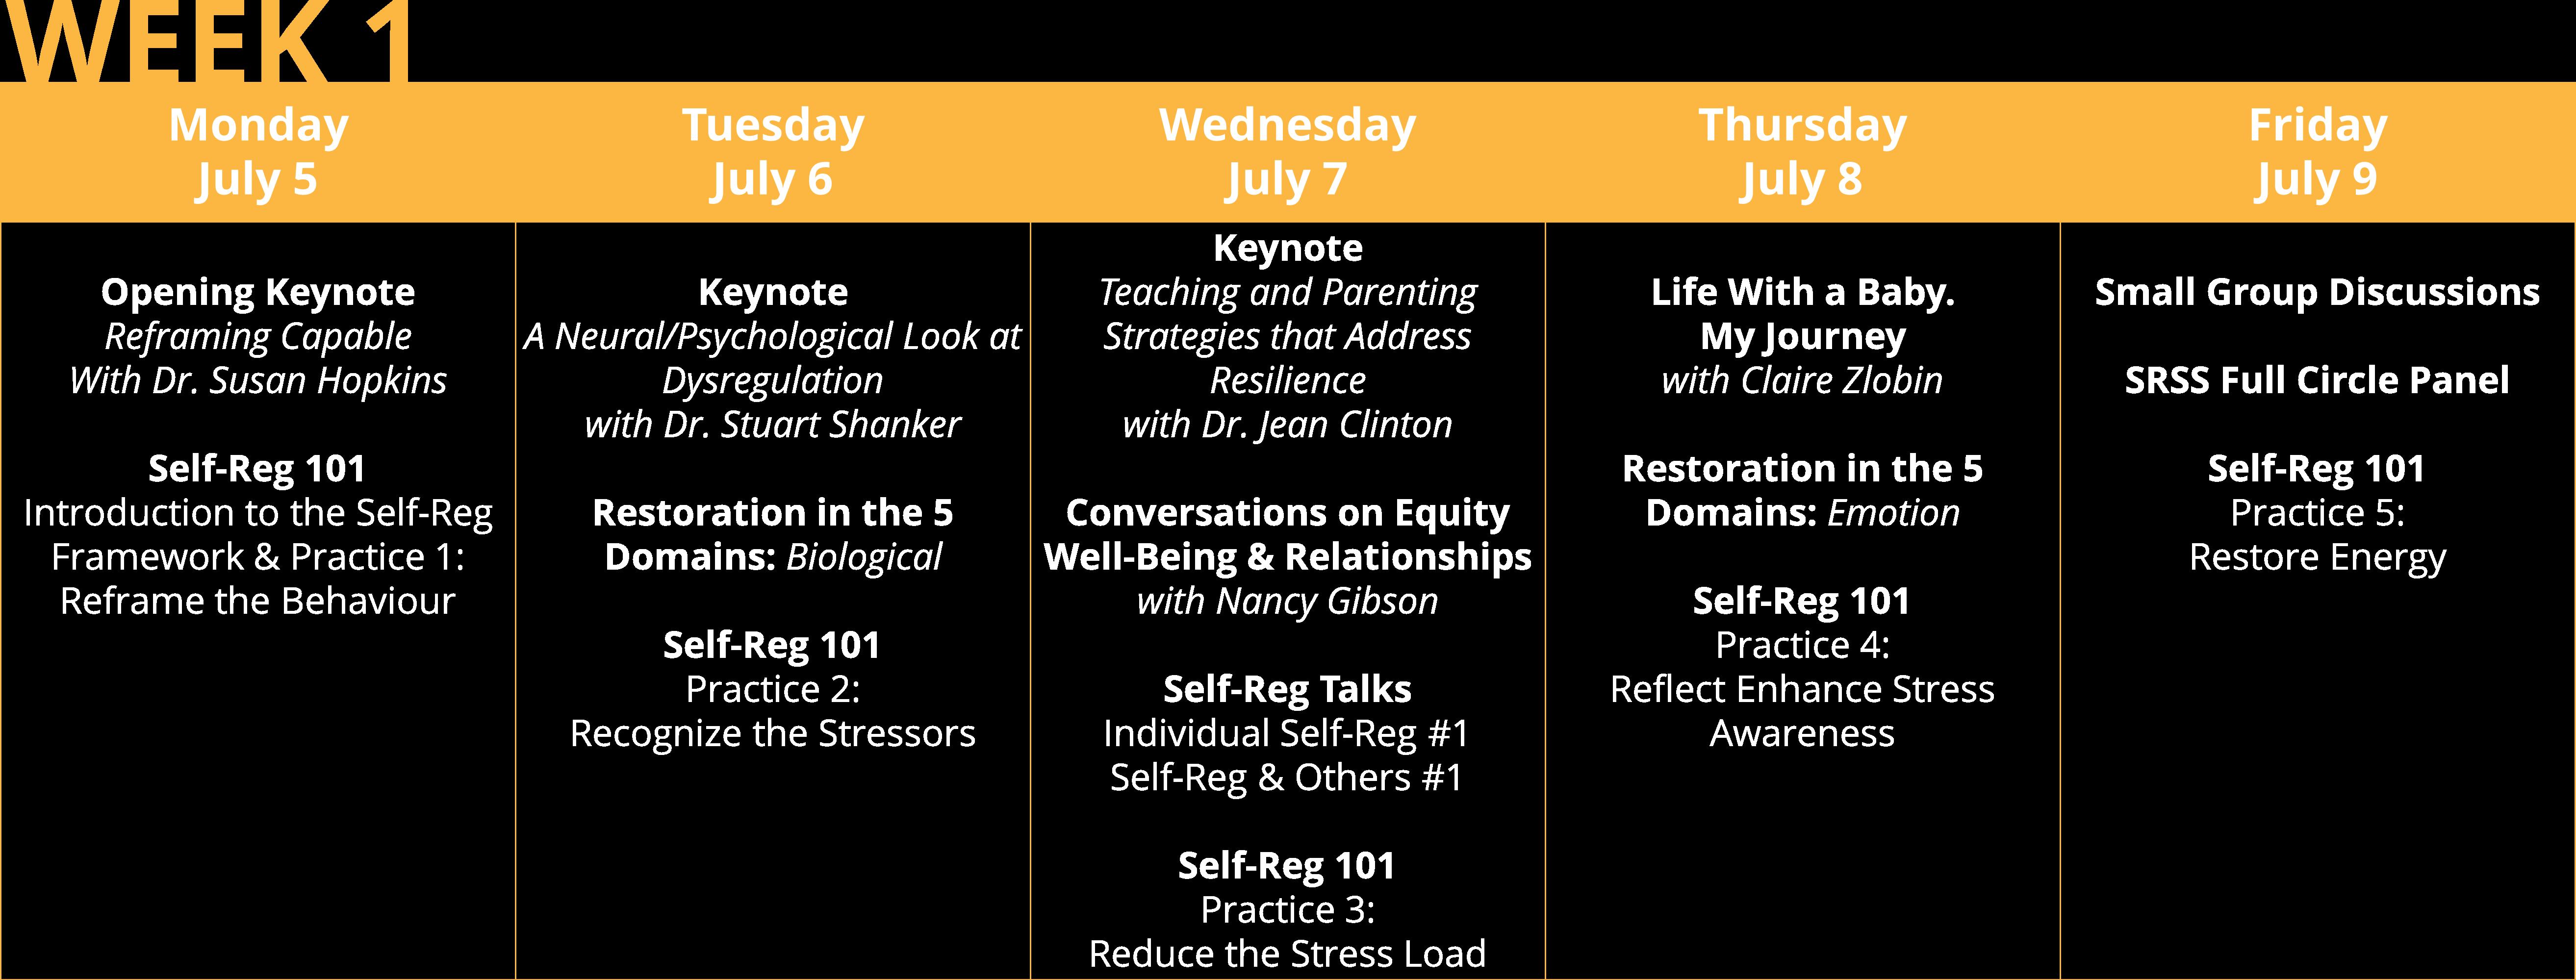 Self-Reg Summer Symposium Week 1 Program Snapshot